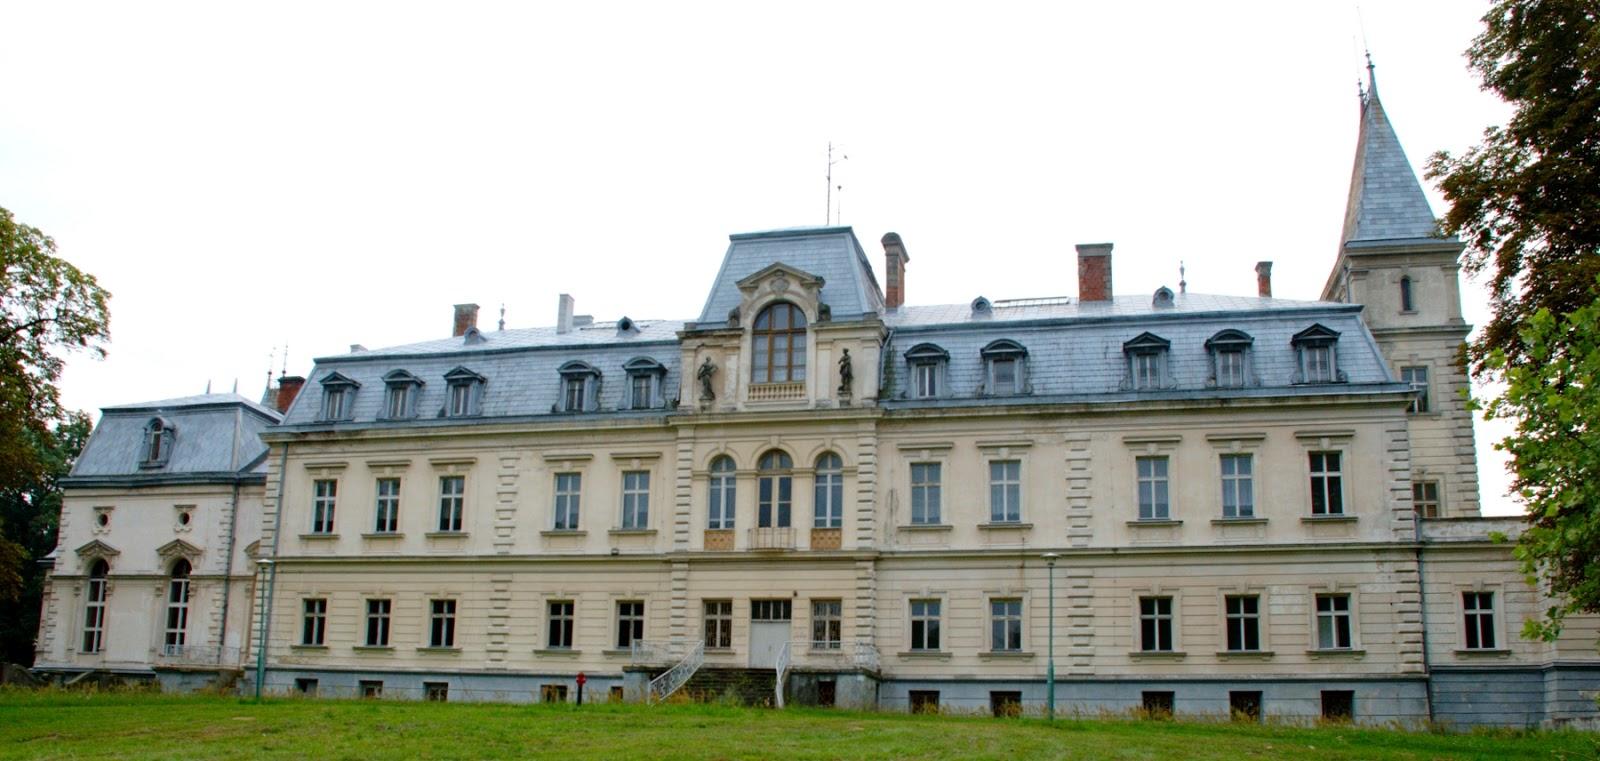 Rodzina von Reuss, Henry van de Velde i edukacja XXI wieku – Trzebiechów